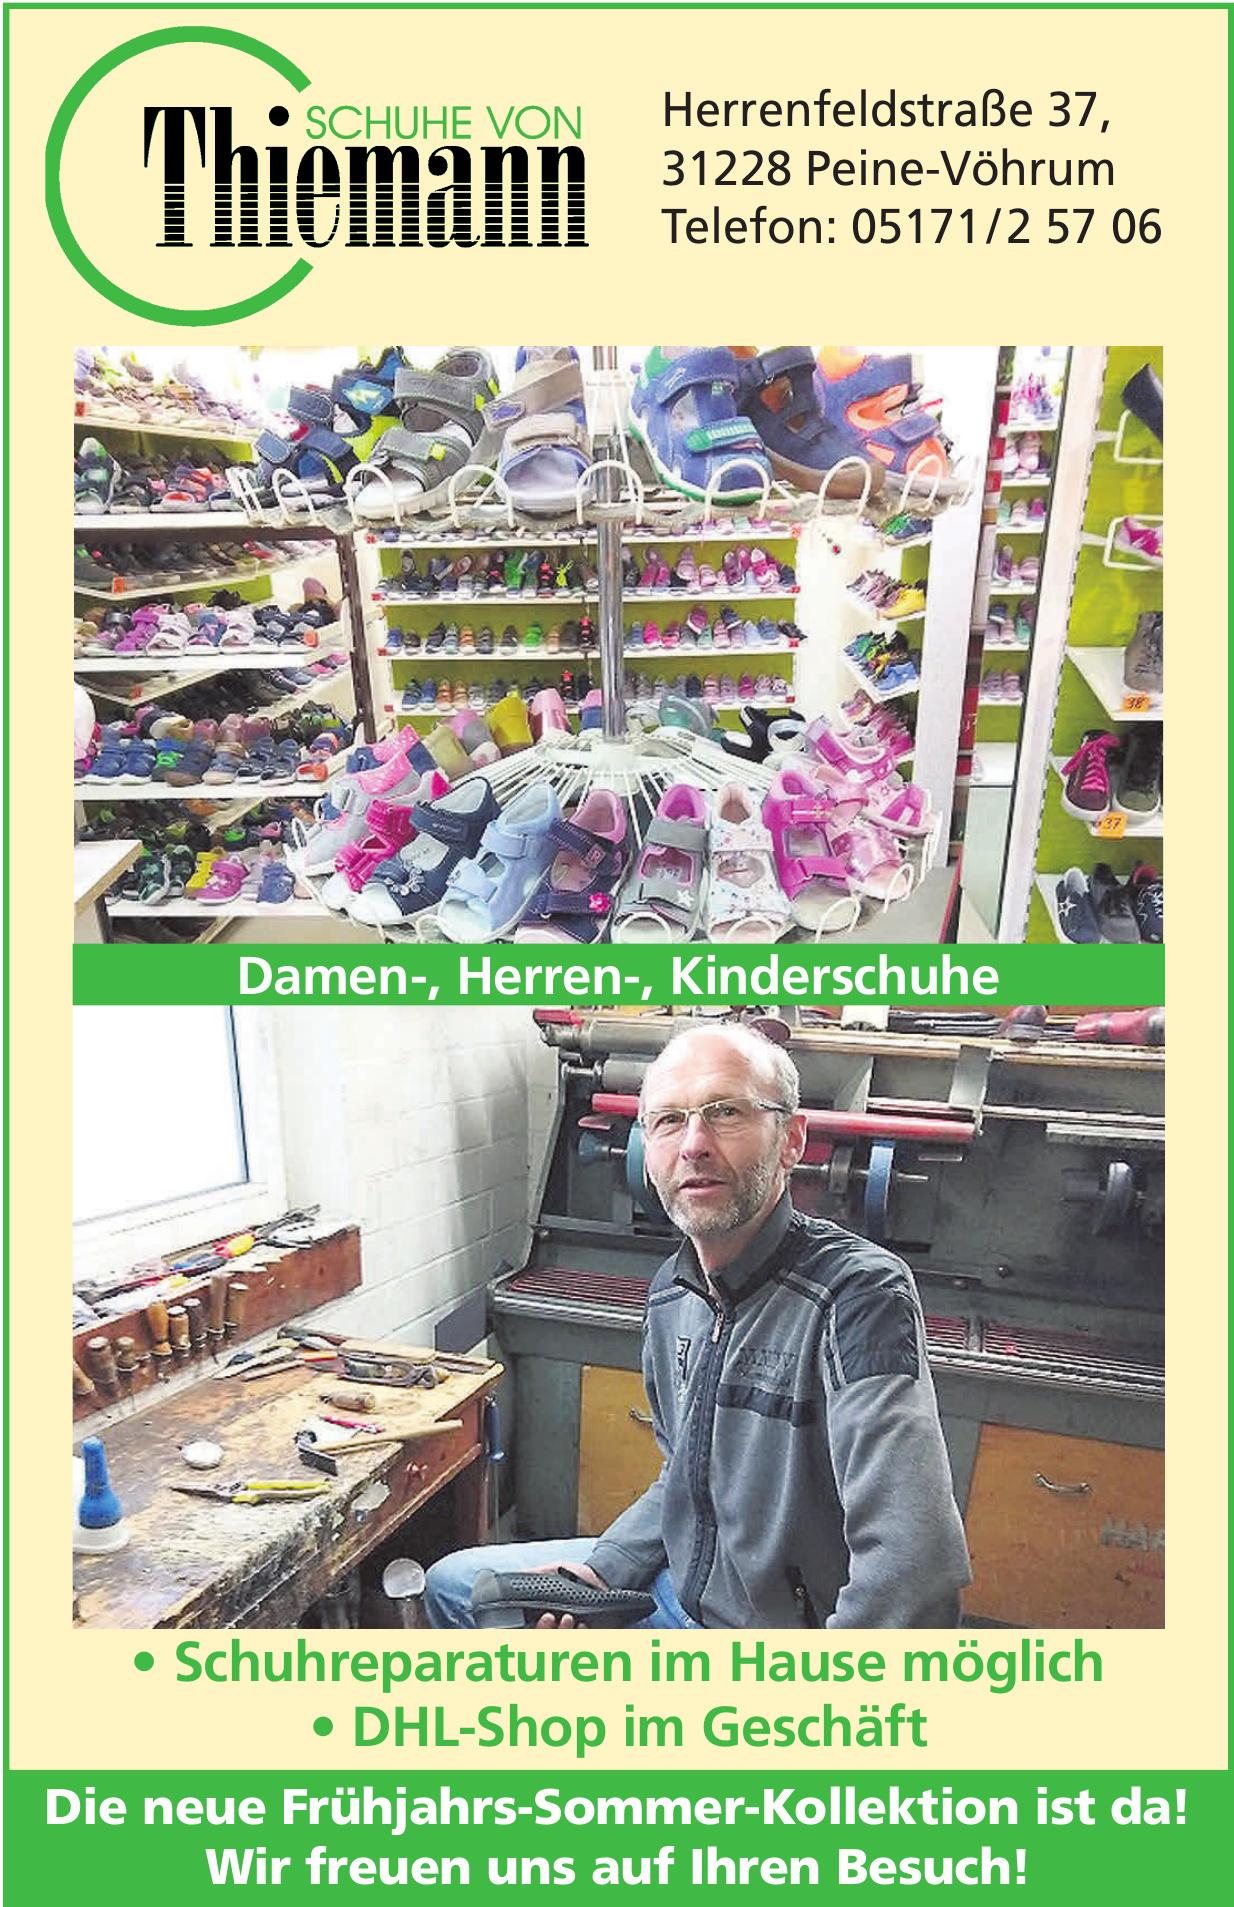 Schuhe von Thiemann